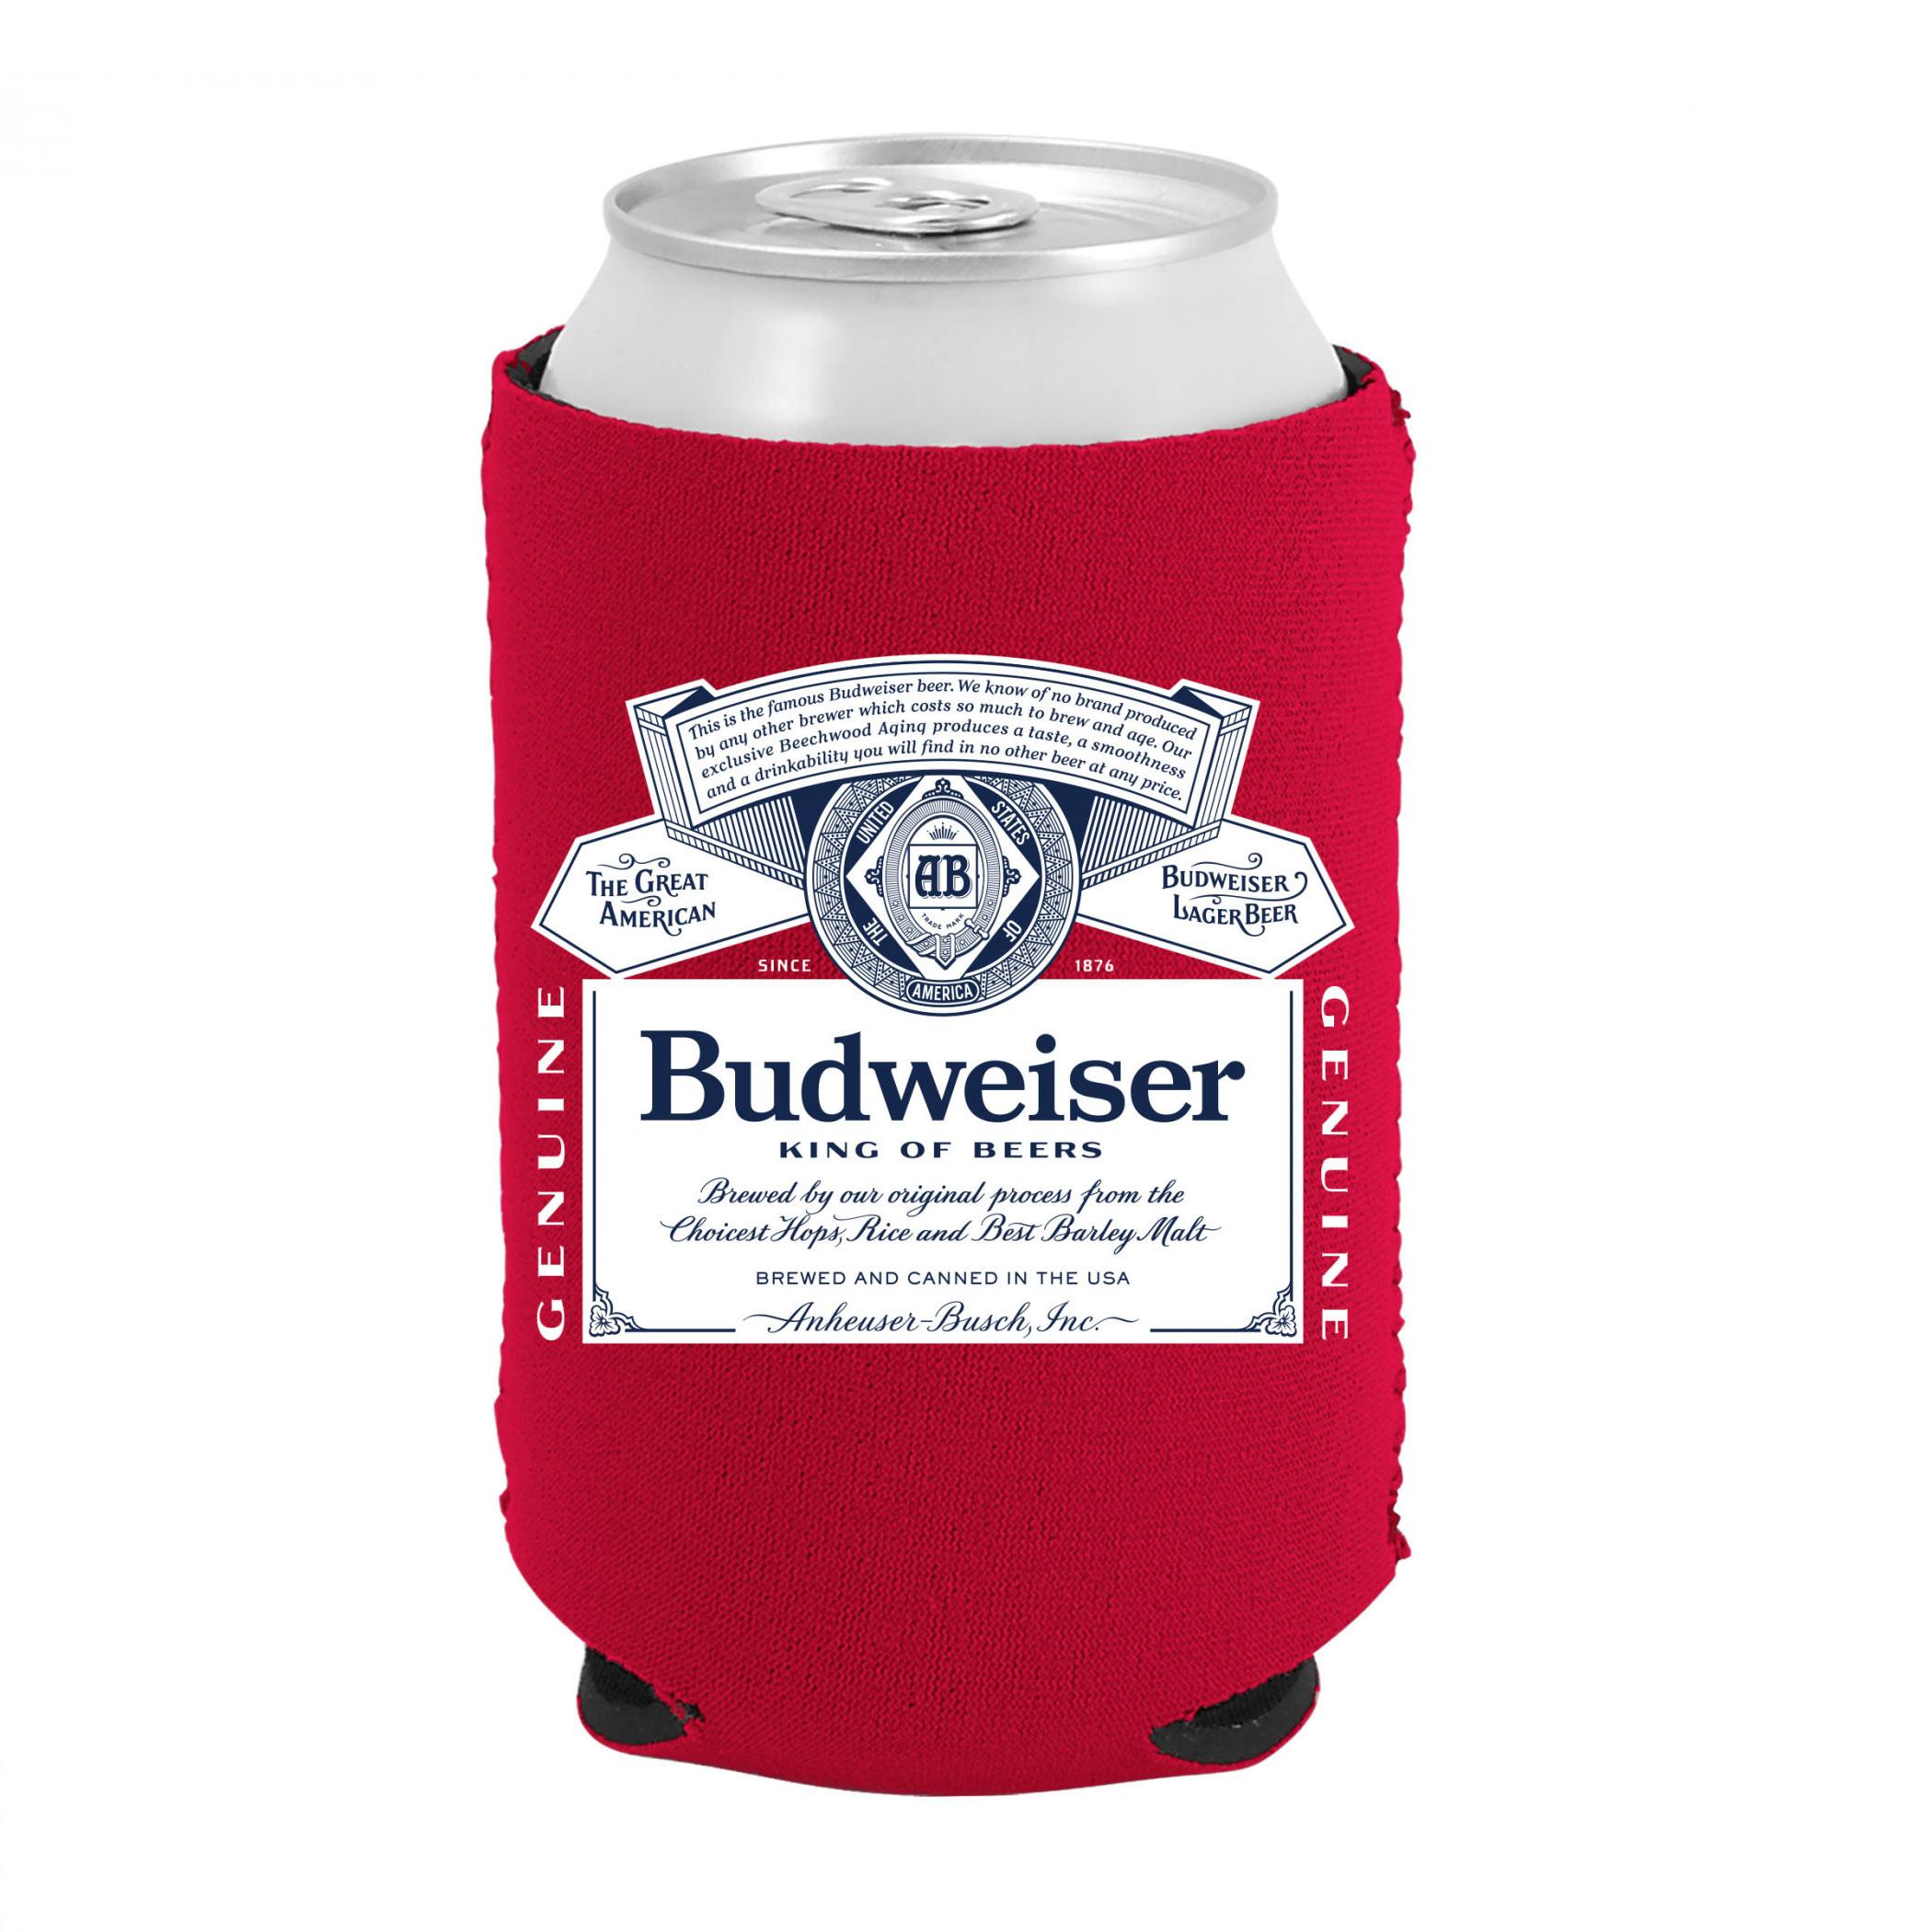 Budweiser Beer Bottle Label Can Cooler